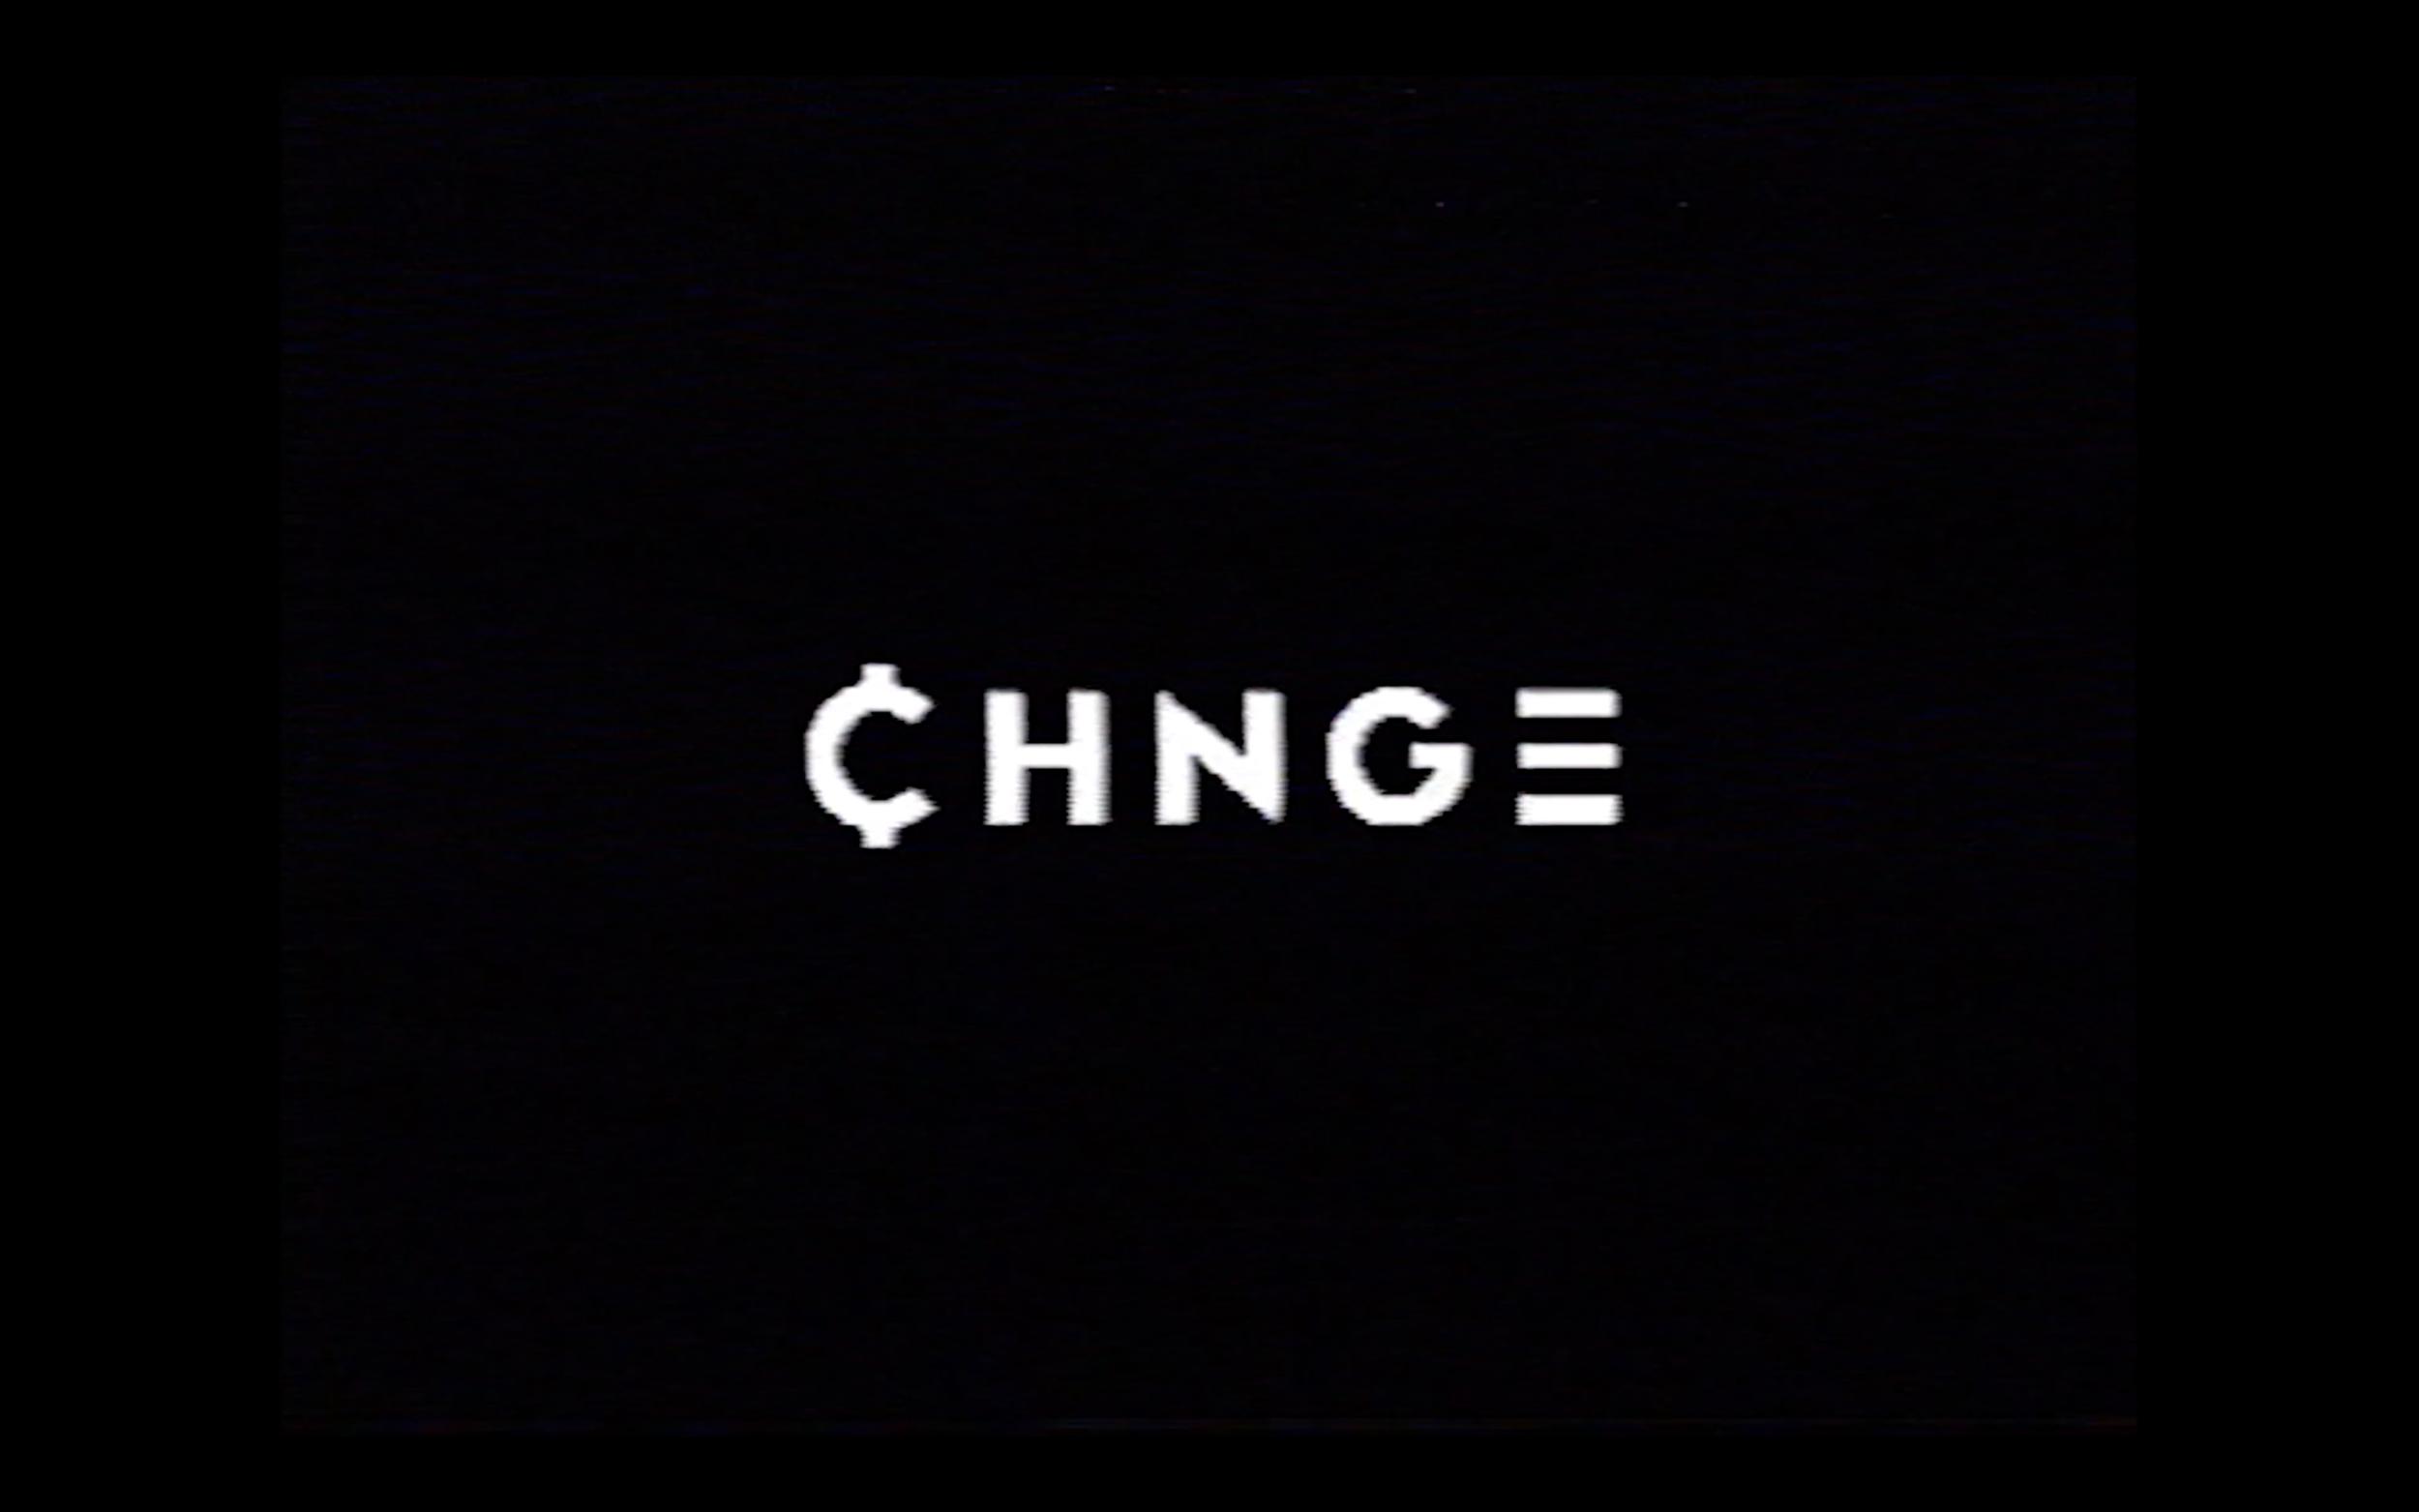 Screen Shot 2019-01-29 at 12.20.36 PM.png